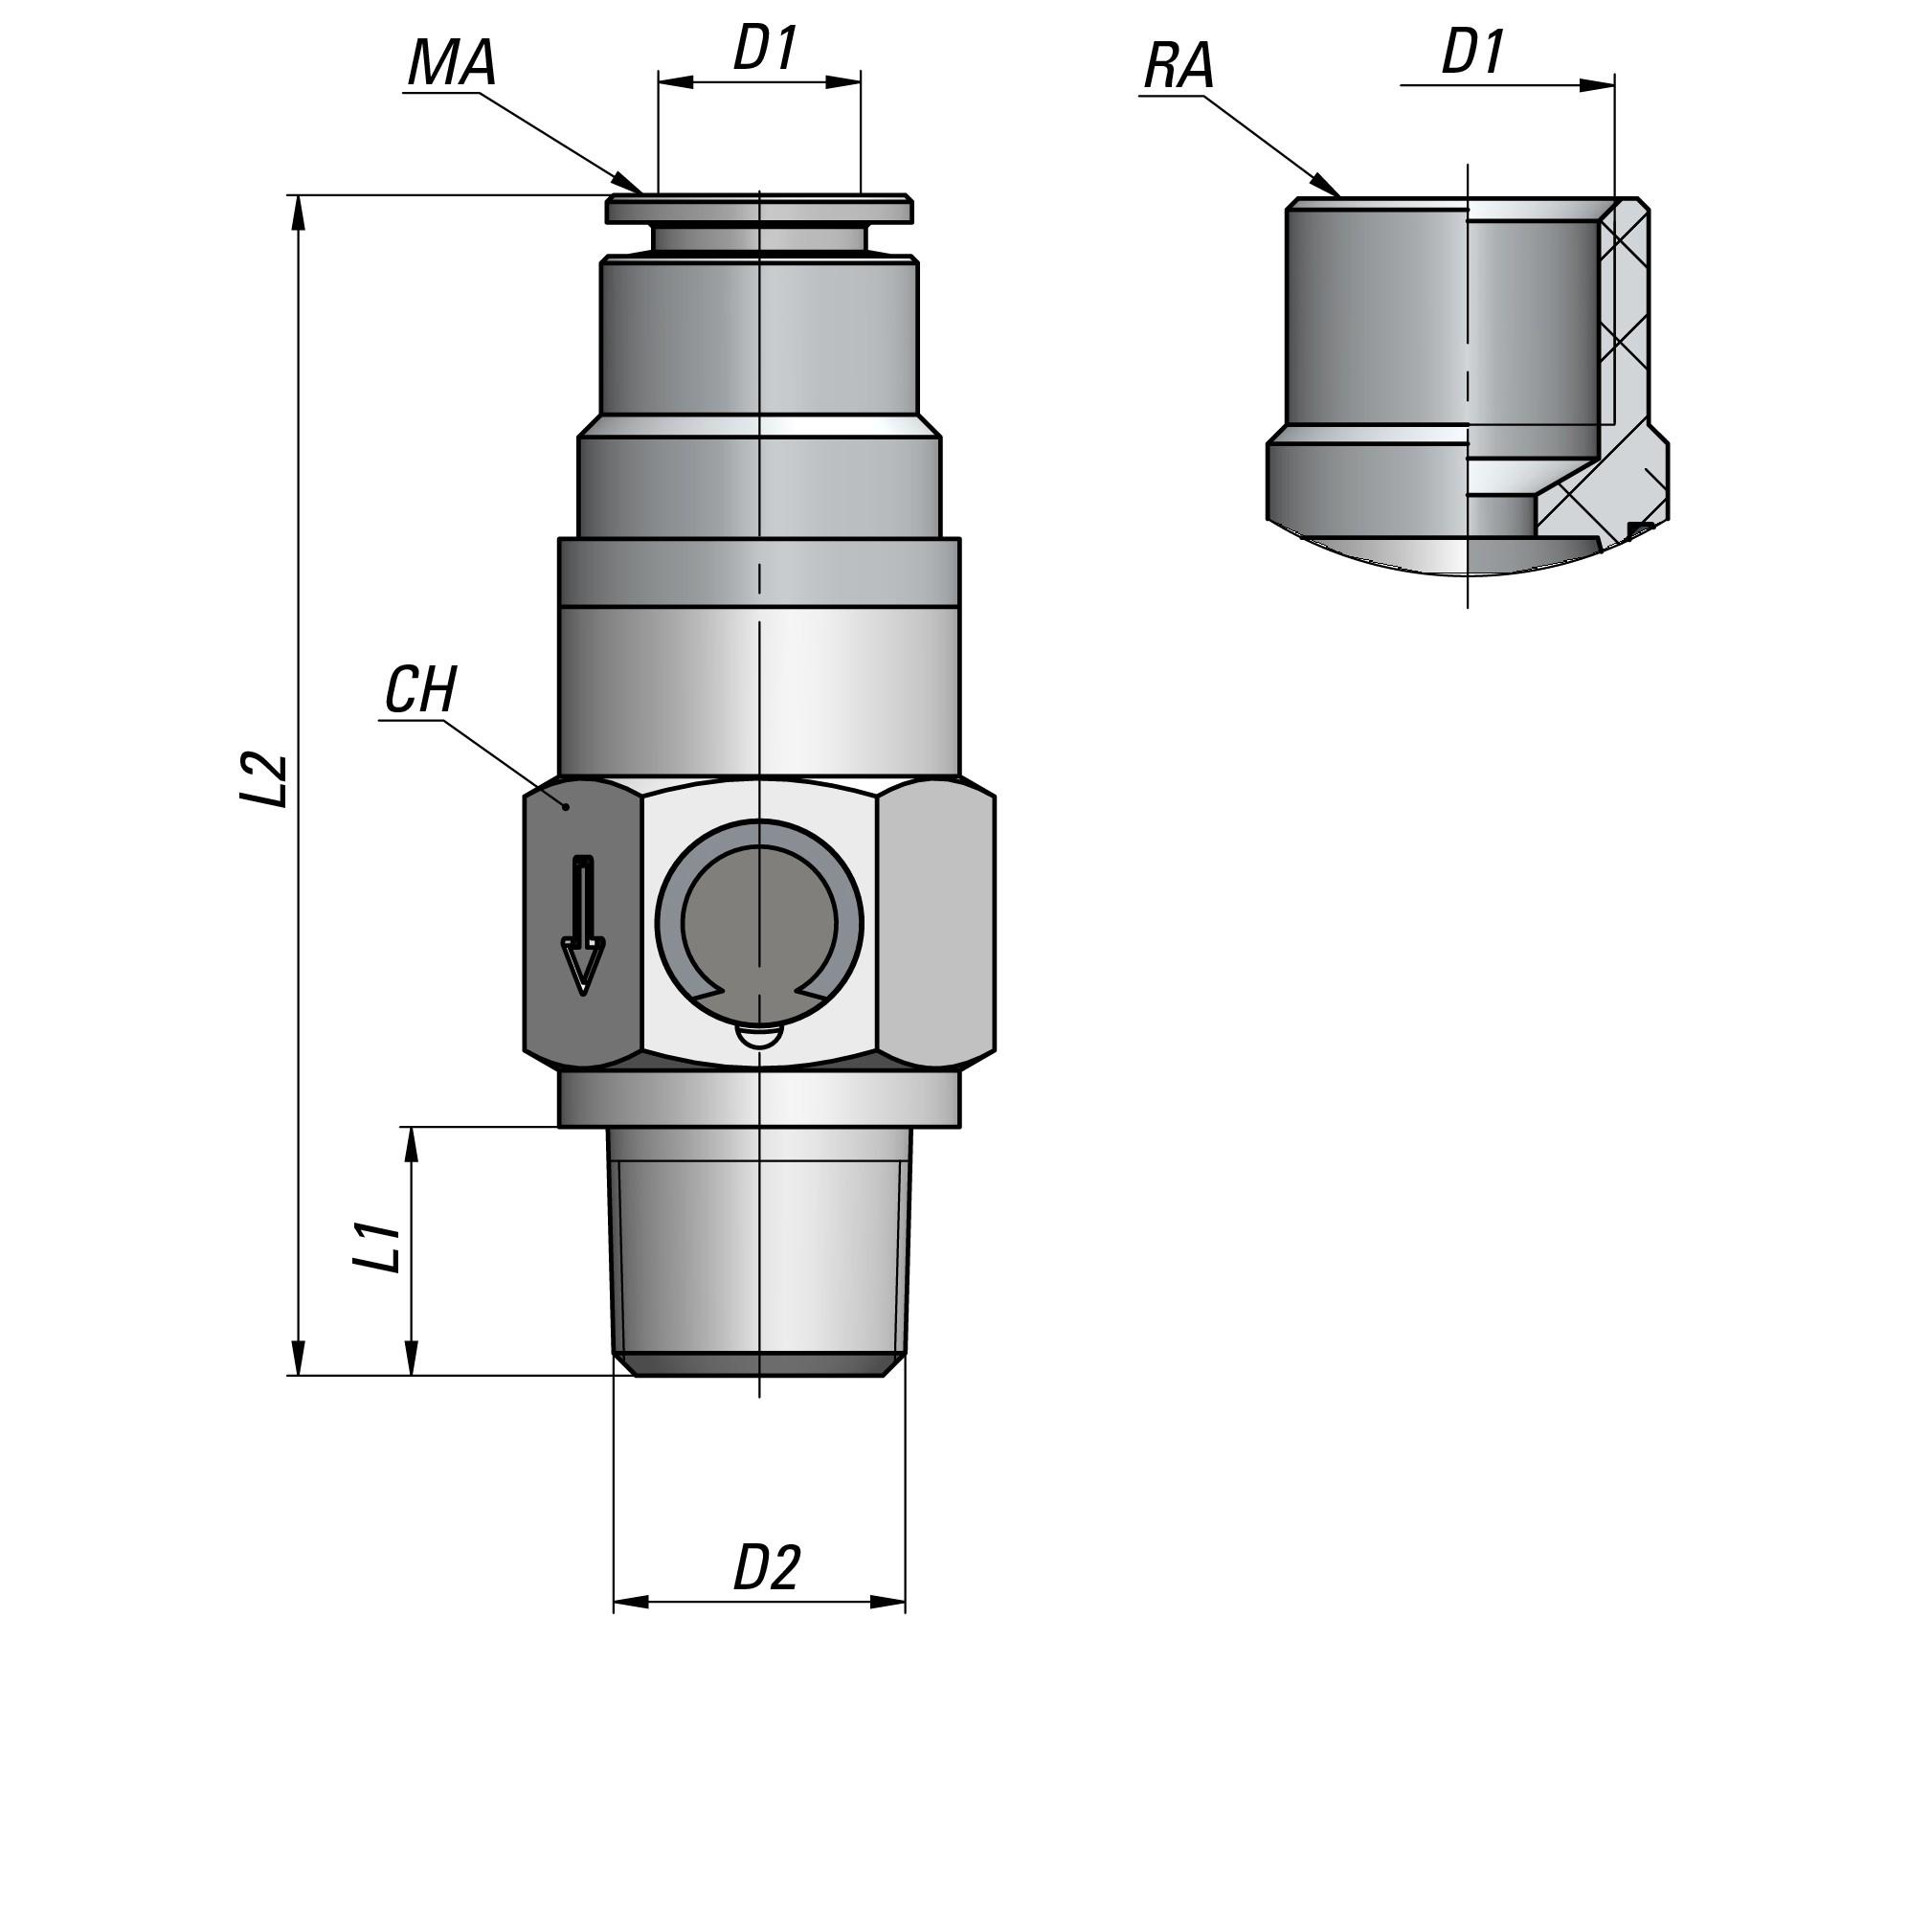 MV22 12 12 -MA